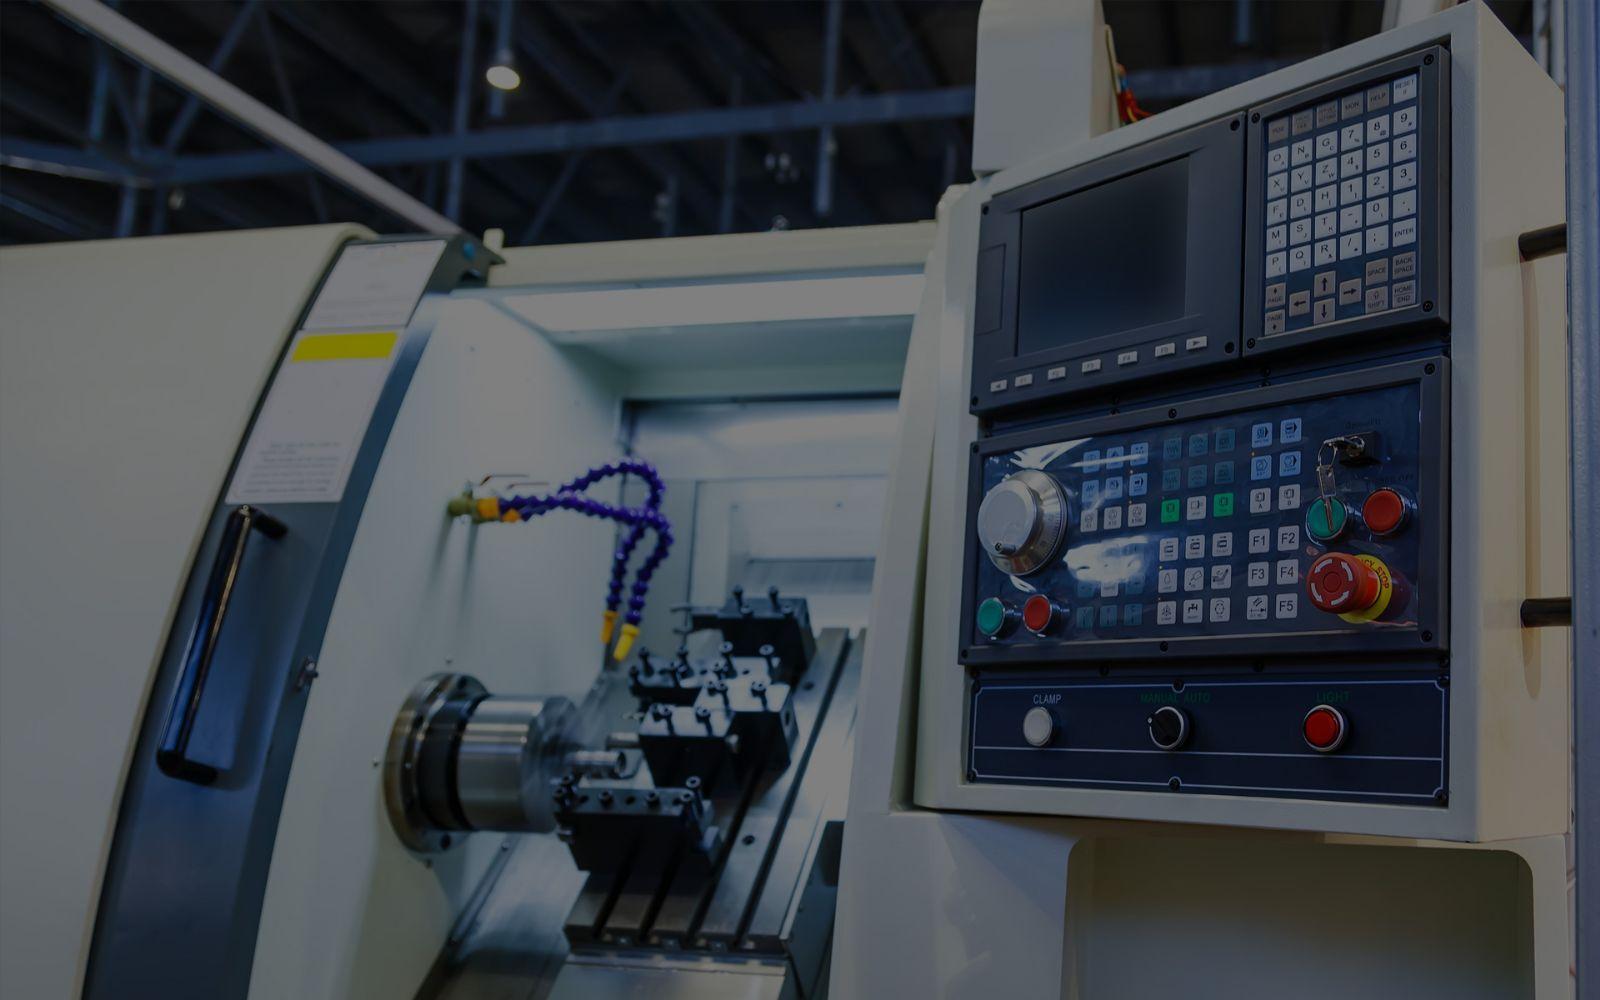 HMI/PC Industriali